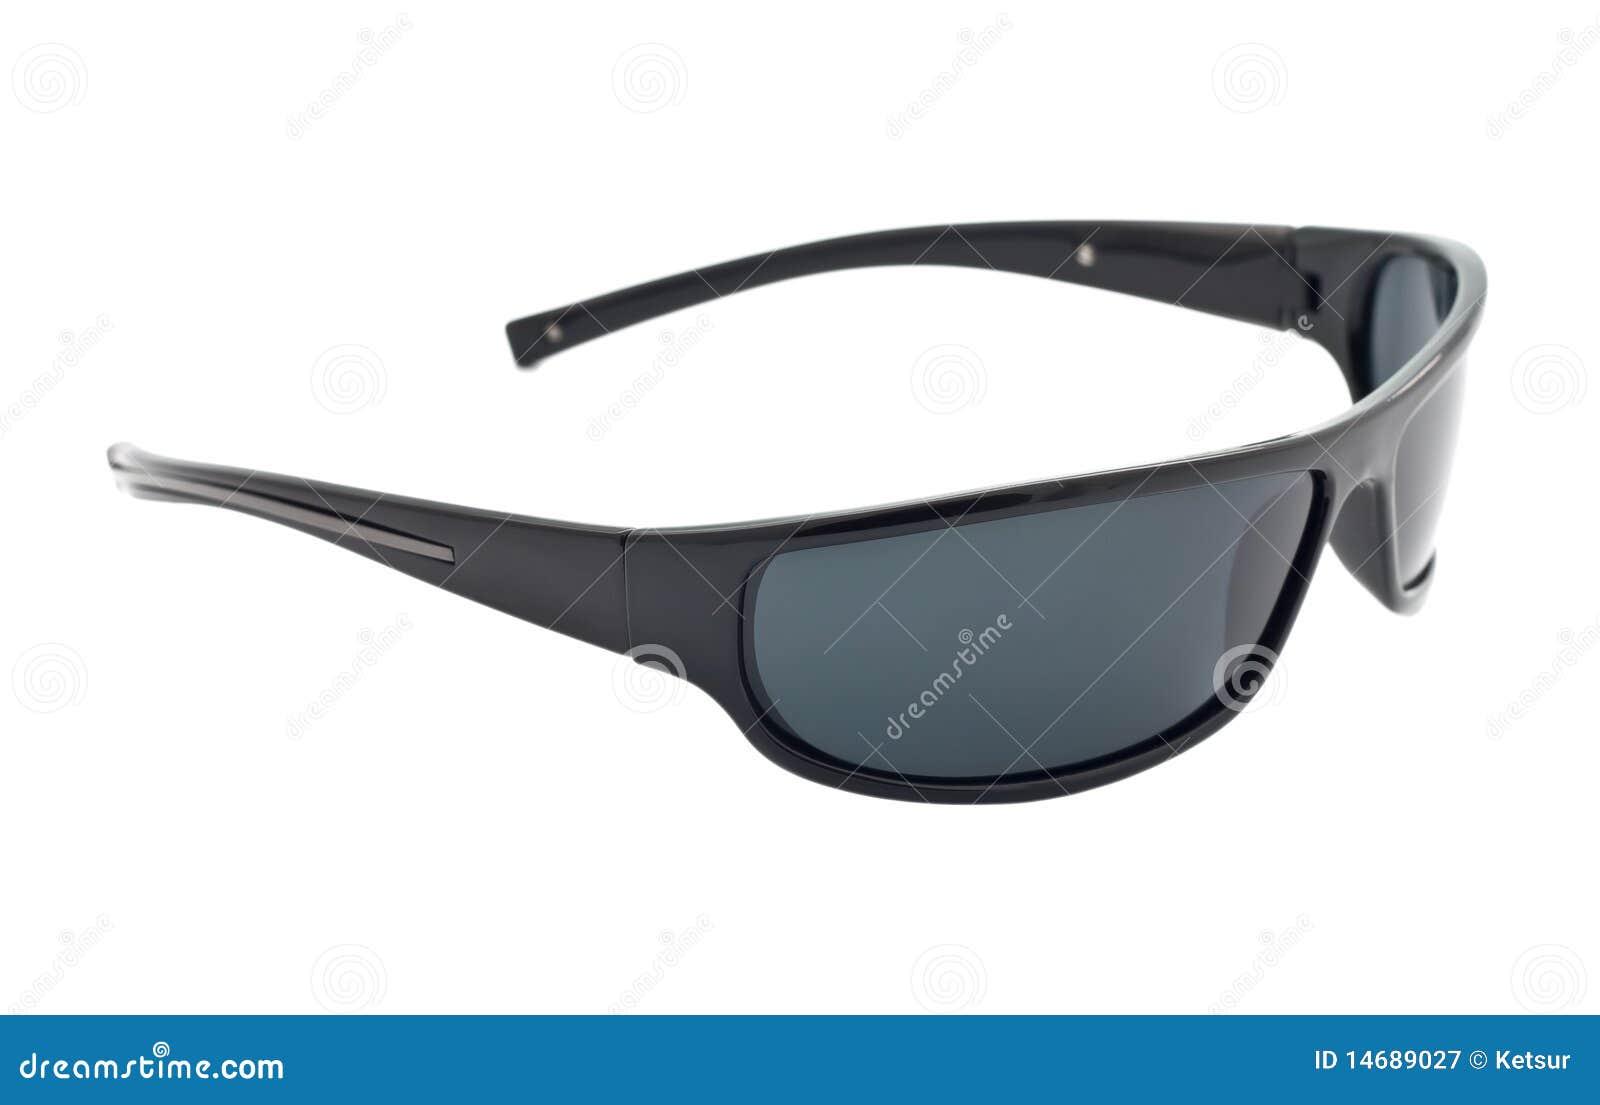 8e9f6a6dcc9ba8 Donkere zonnebril stock afbeelding. Afbeelding bestaande uit ...